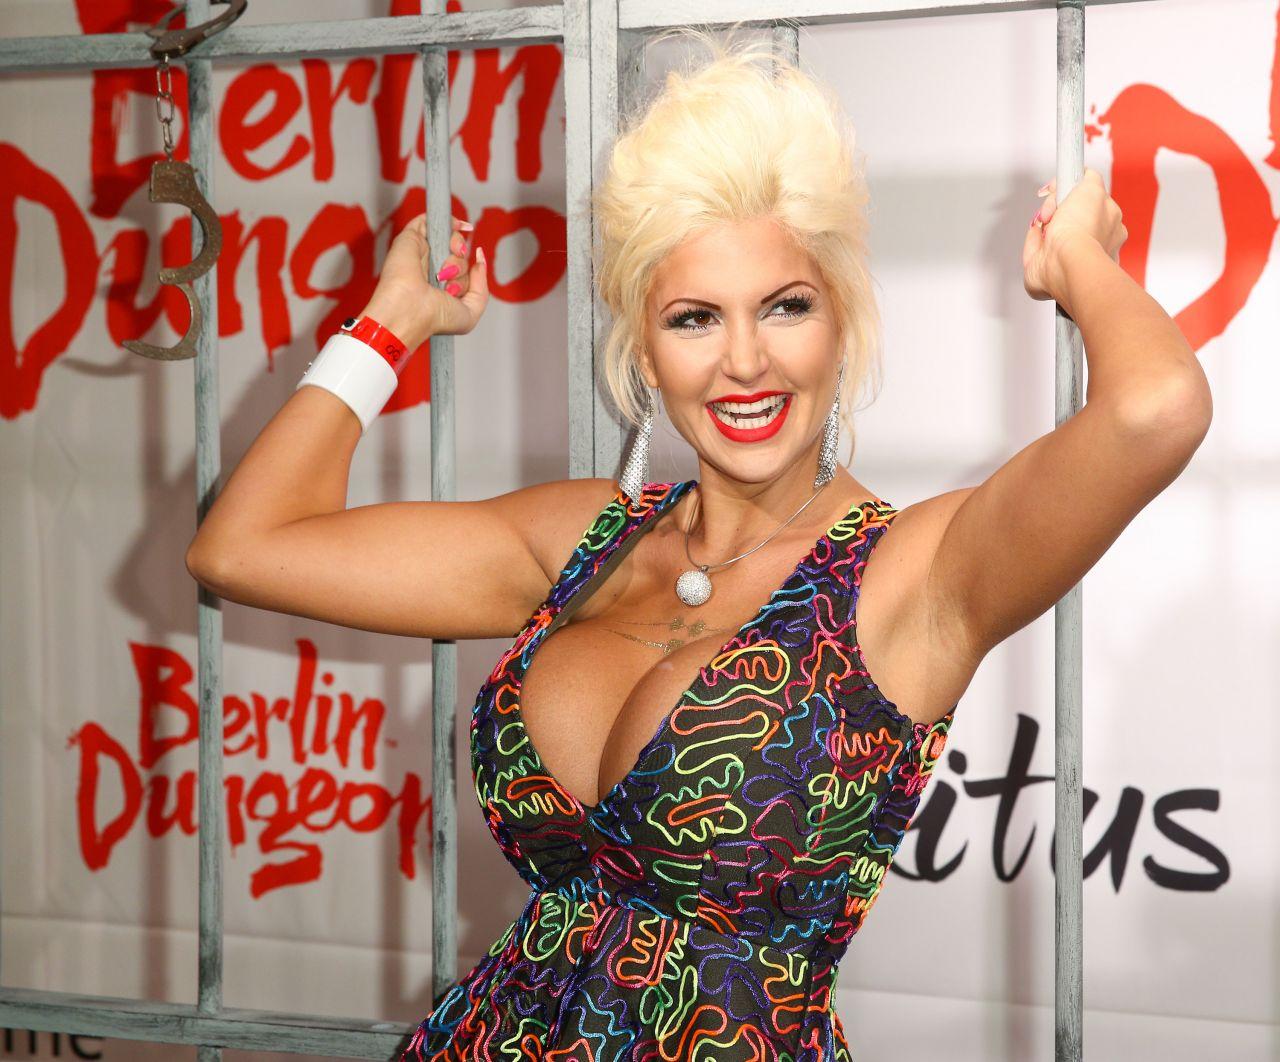 Sophia Vegas The Exitus At Berlin Dungeon Premiere Red